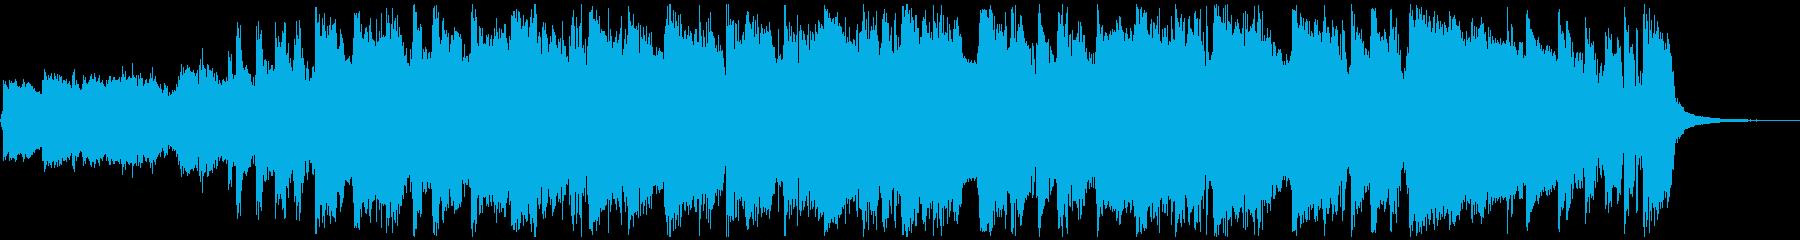 ロッキングブルージートラックは、1...の再生済みの波形